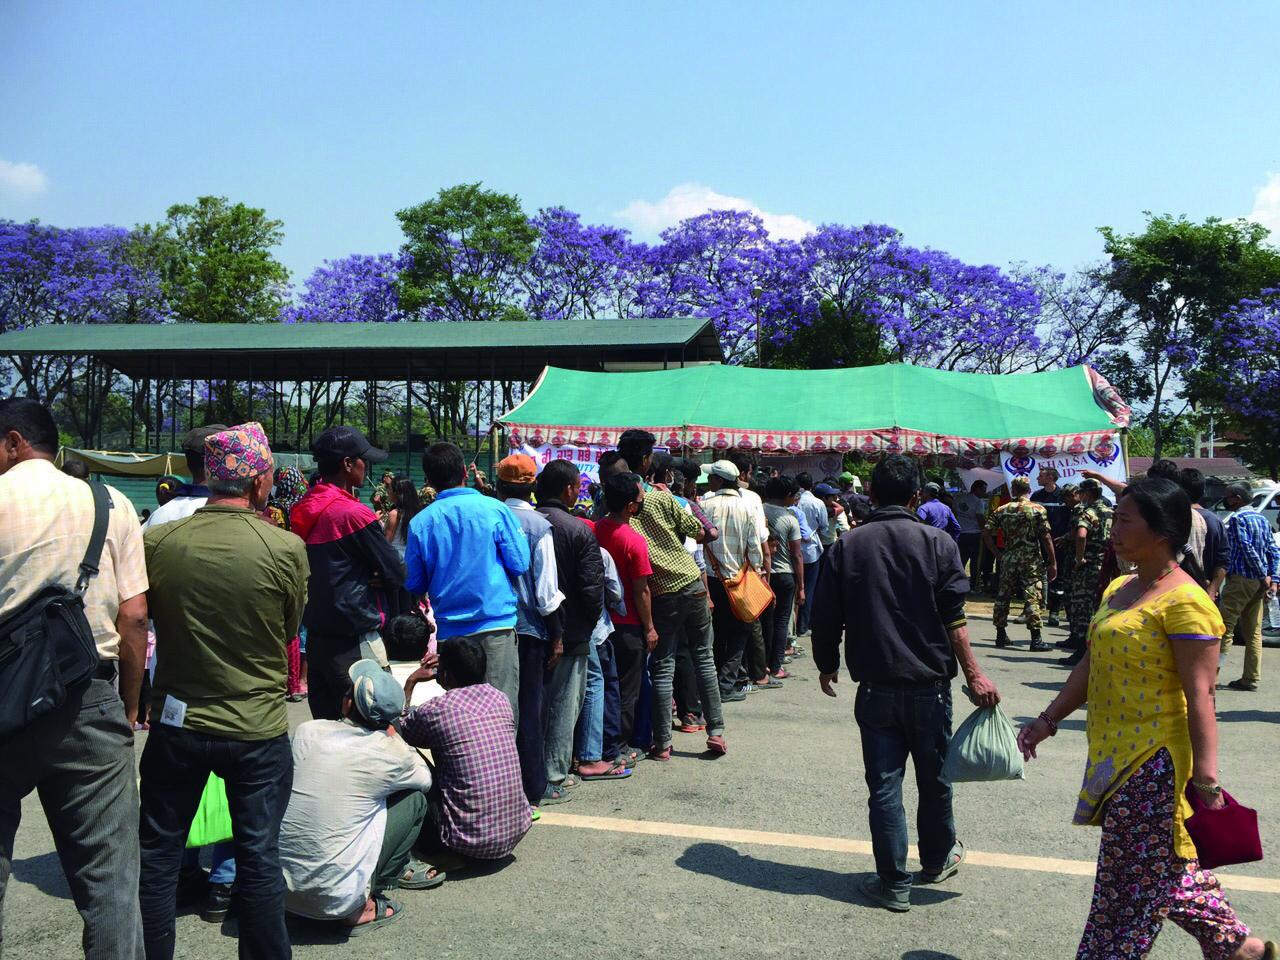 來自世界各地的救援物資陸續送到,令災民感受到人間有情。